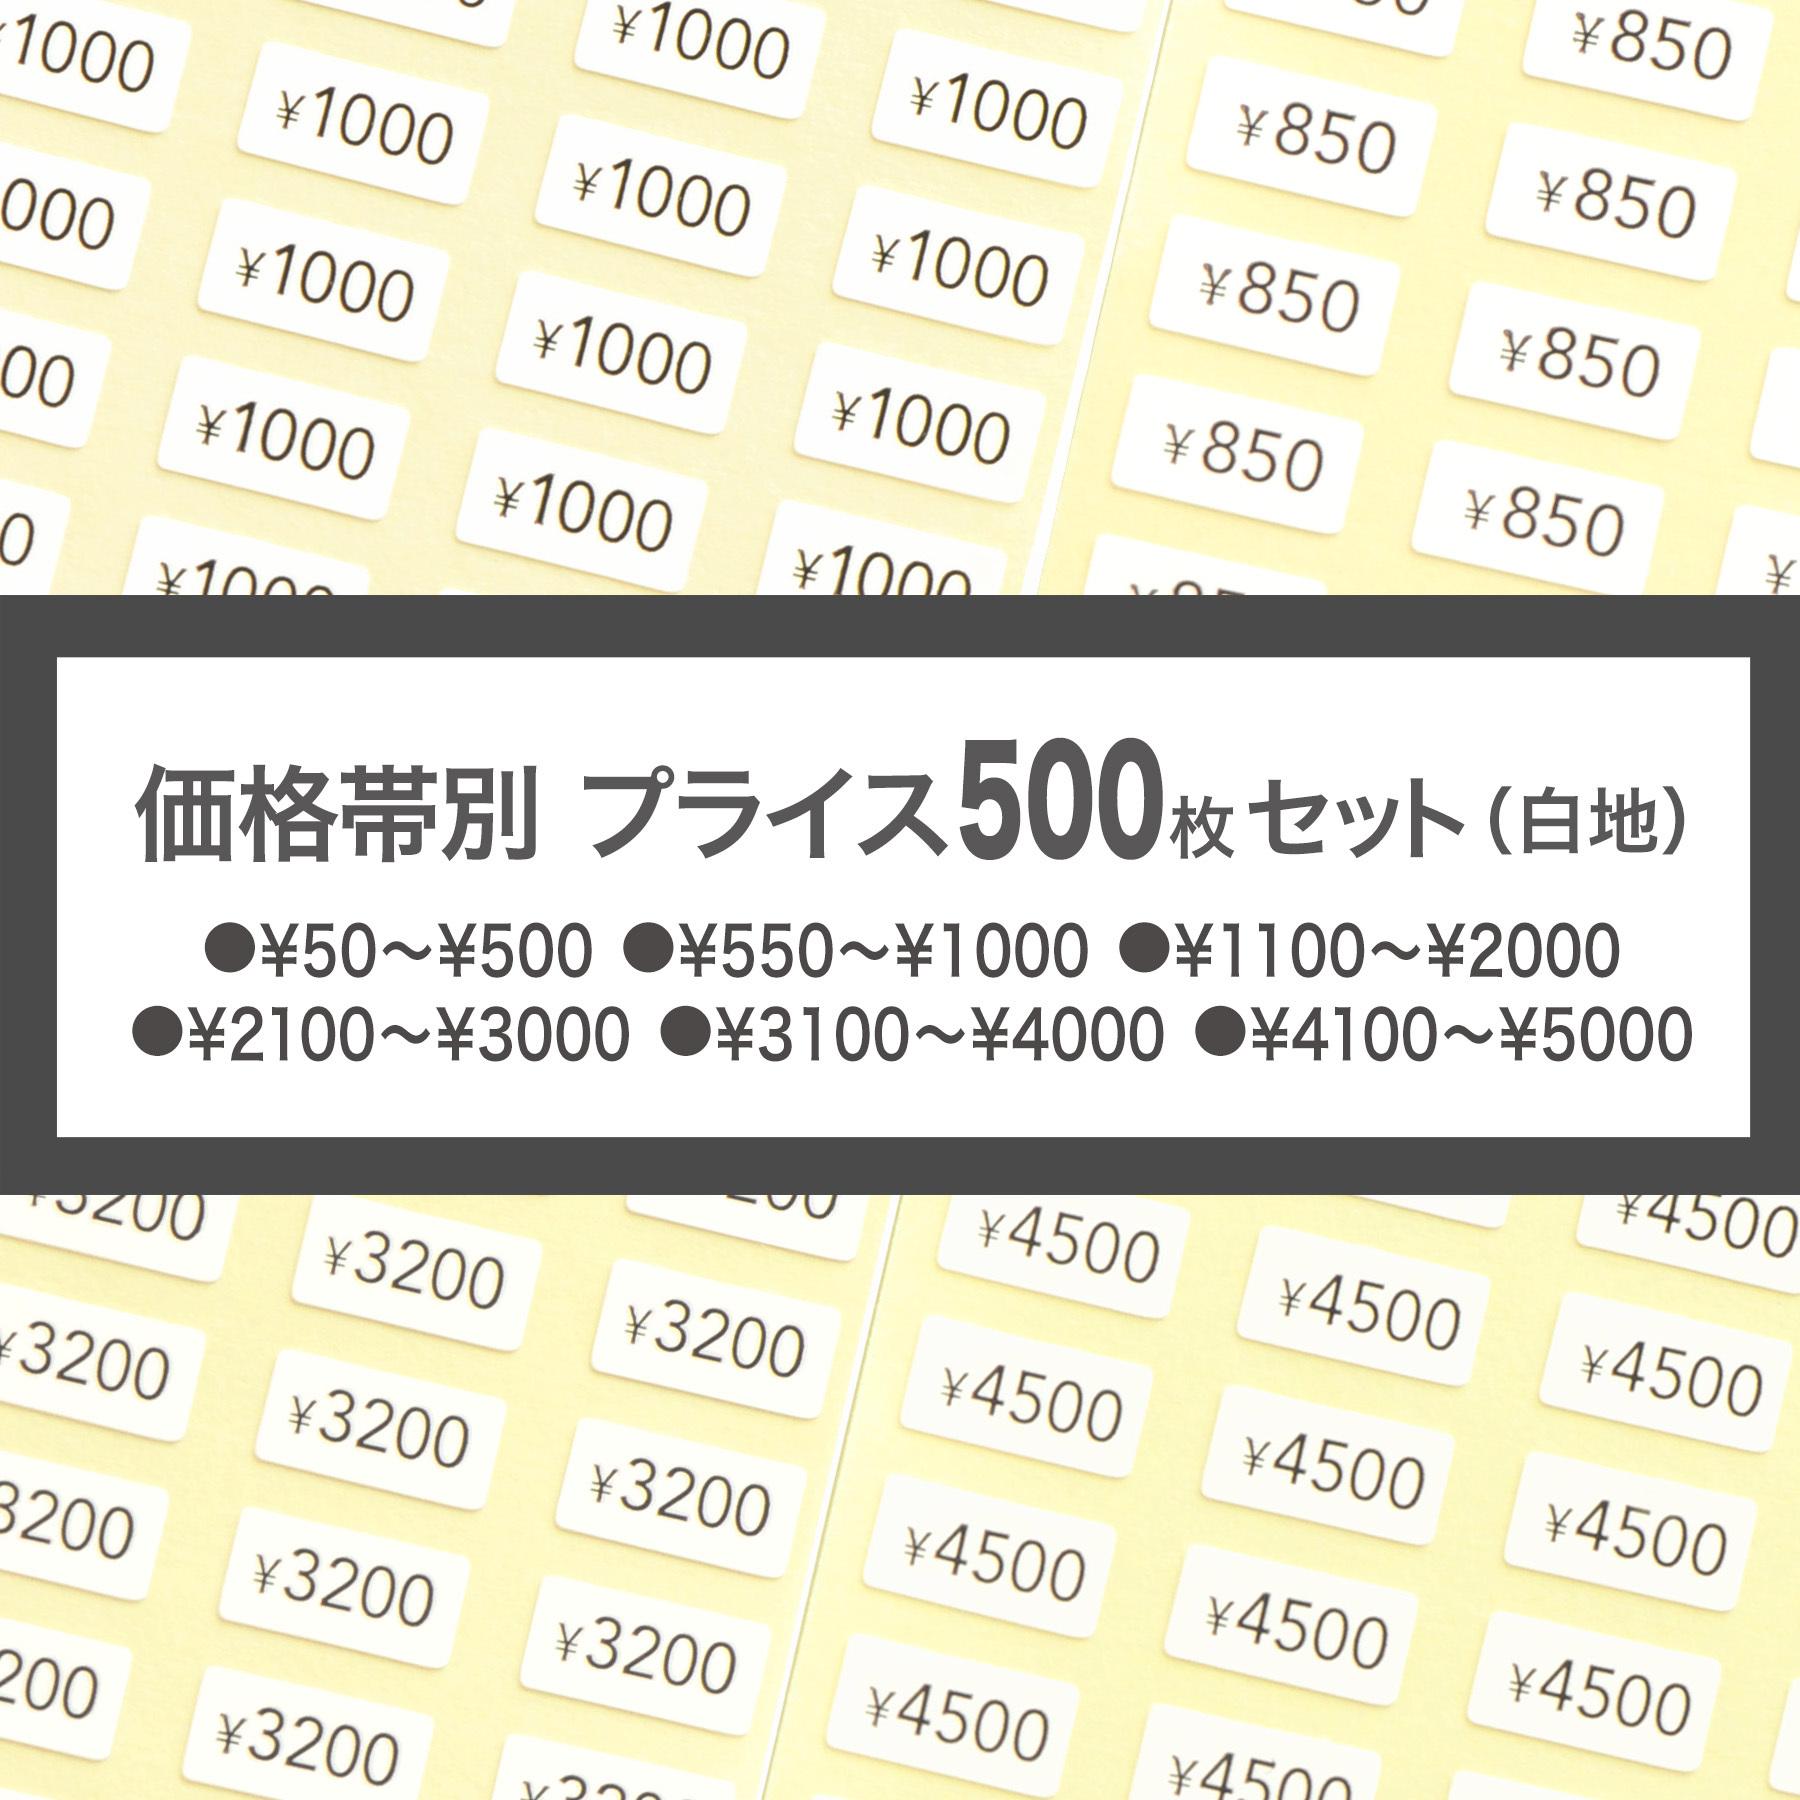 【プライスシール 価格帯別 500枚セット 】 値段シールセット 10×5mm 白地